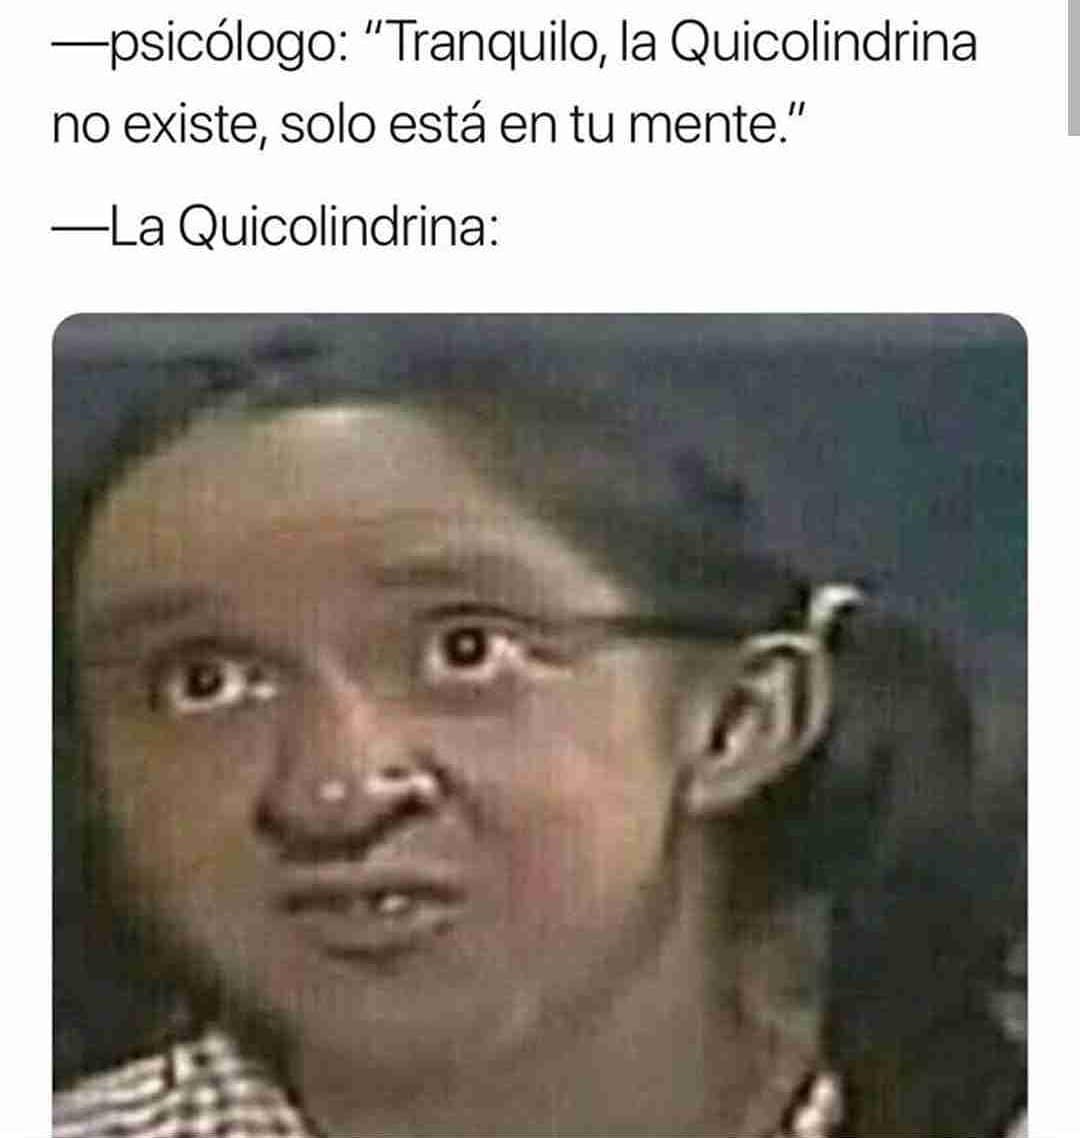 """Psicólogo: """"Tranquilo, la Quicolindrina no existe, solo está en tu mente.""""  La Quicolindrina:"""